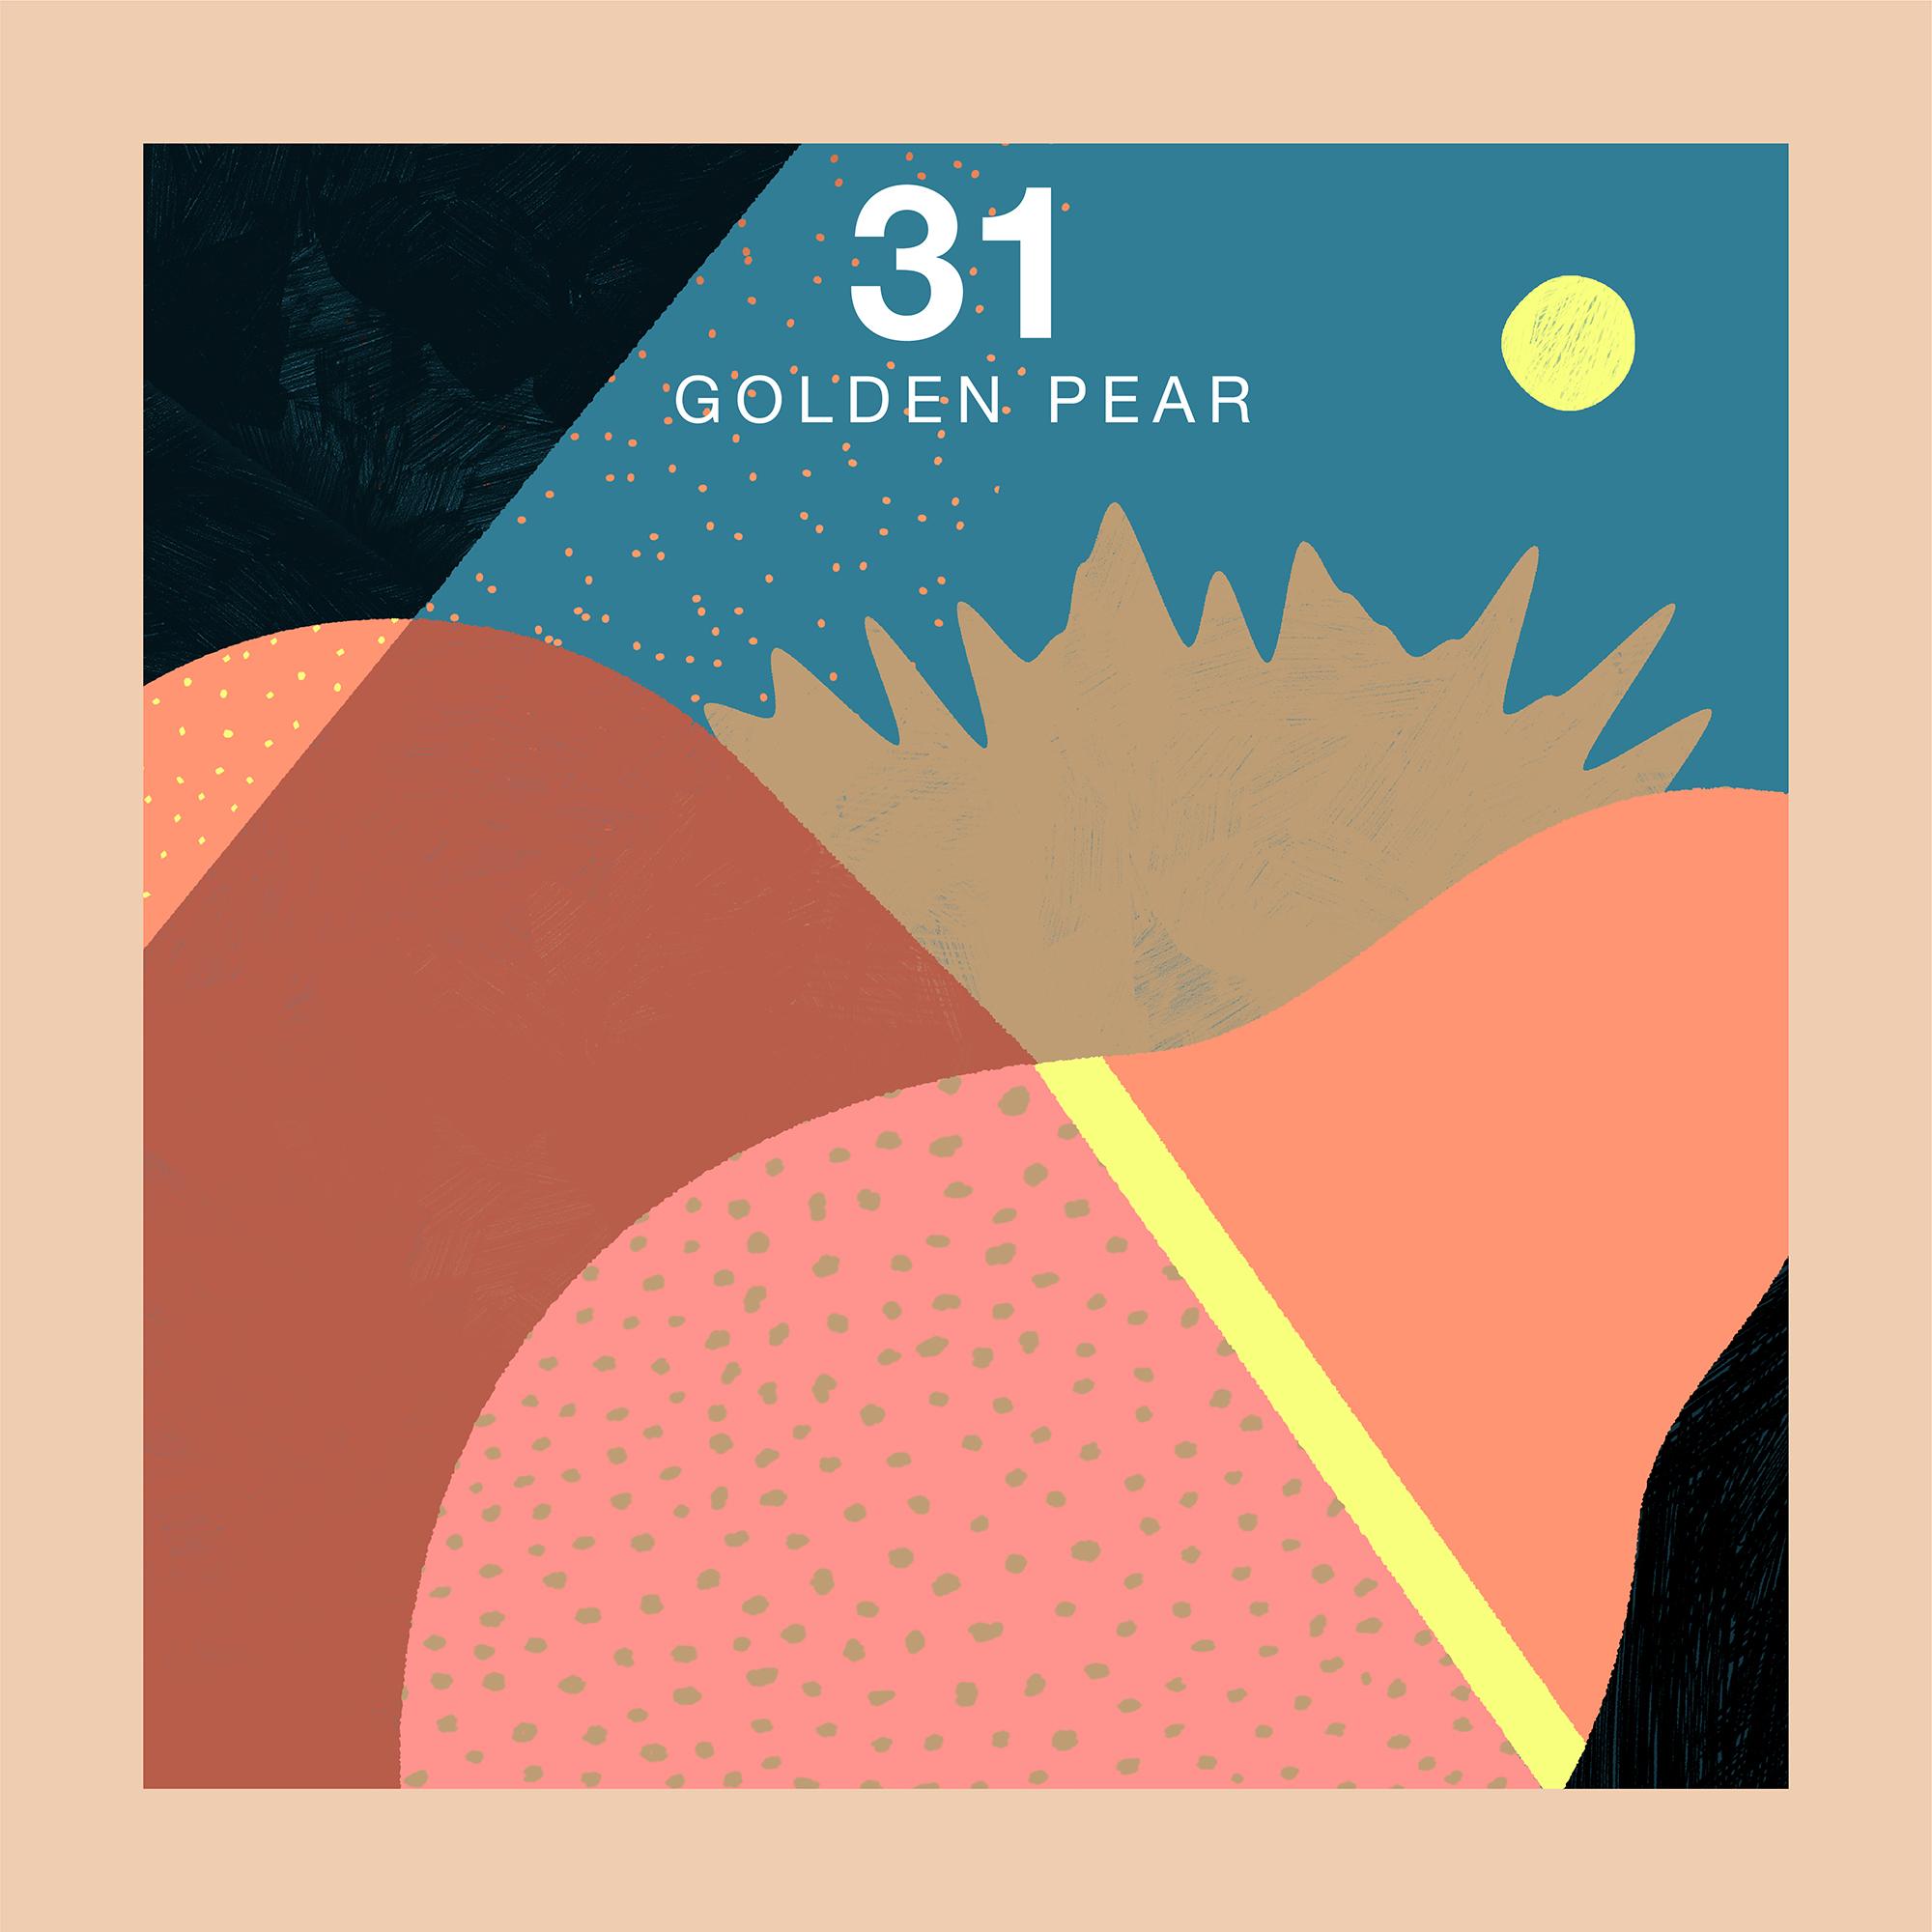 Golden Pear_Lush.jpg